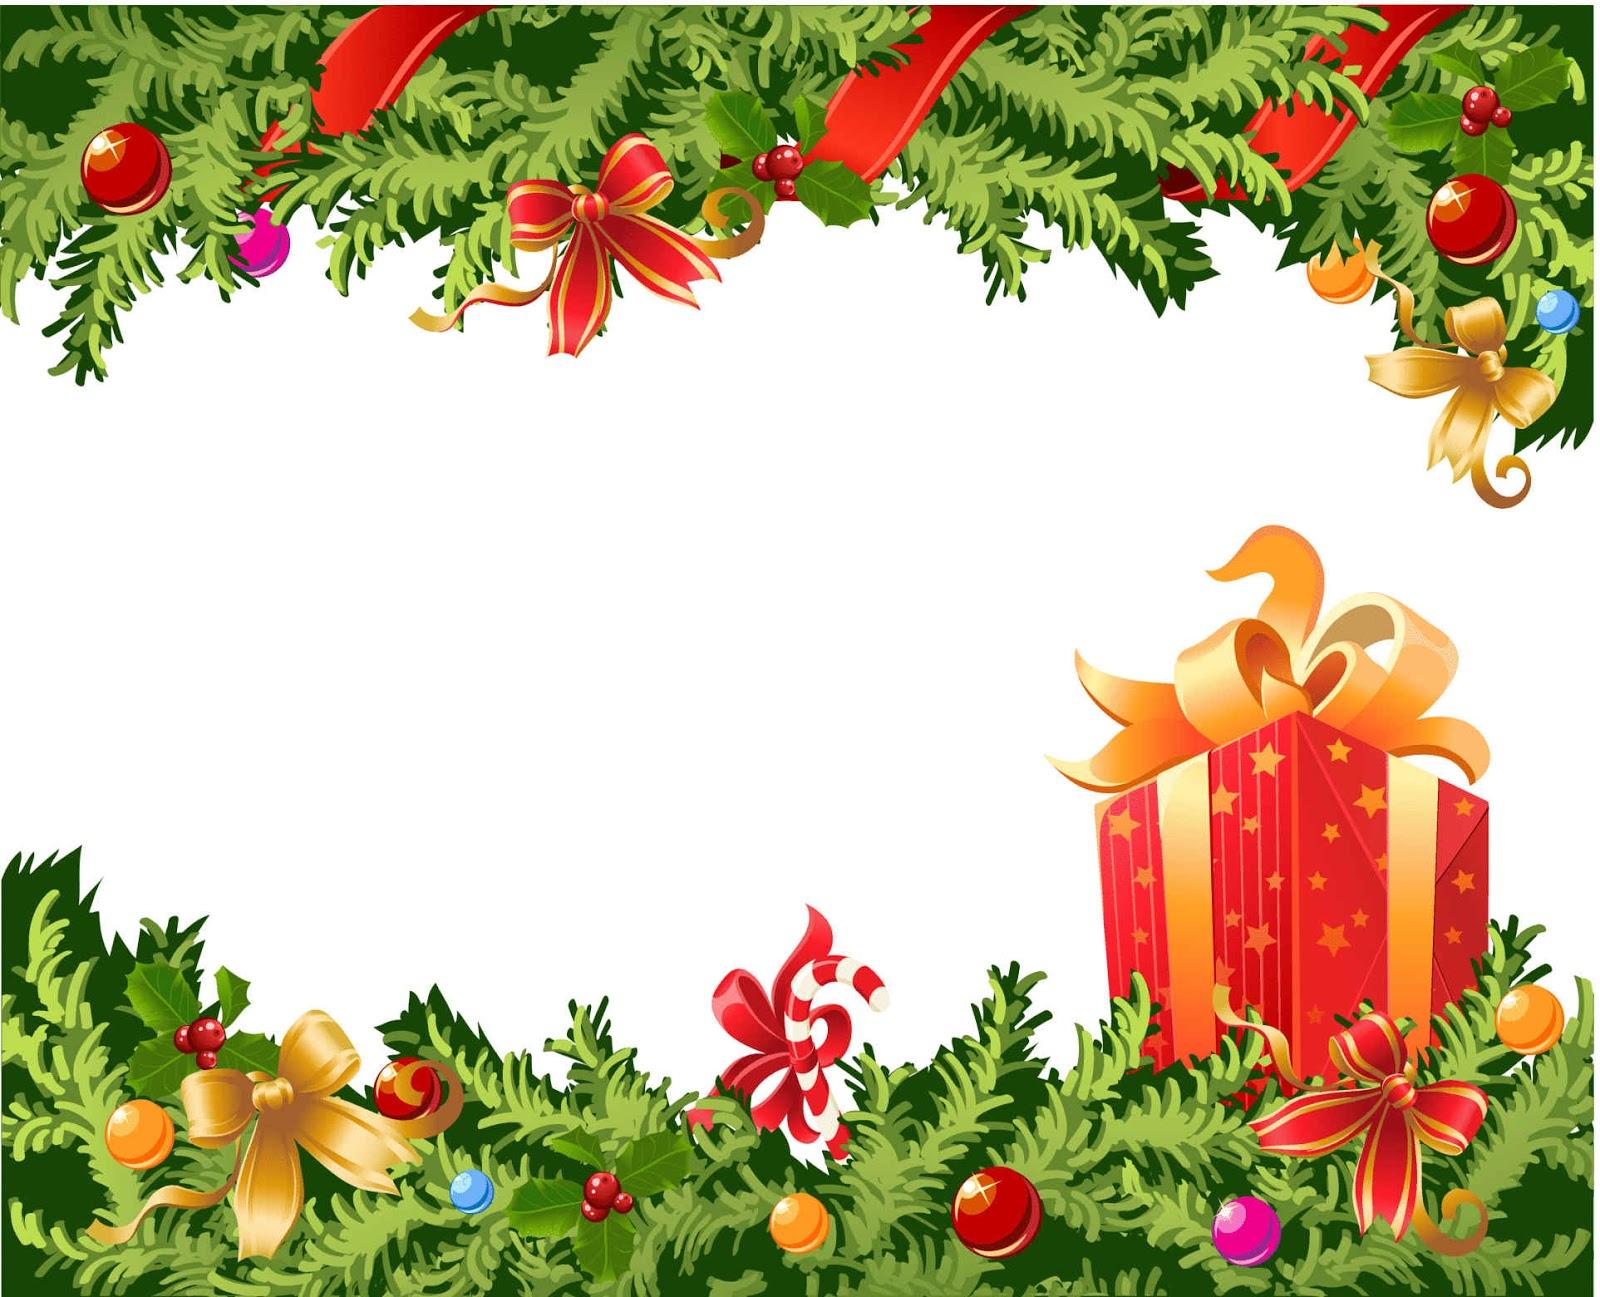 Regalo decoraciones linda tarjeta para esta navidad 2012